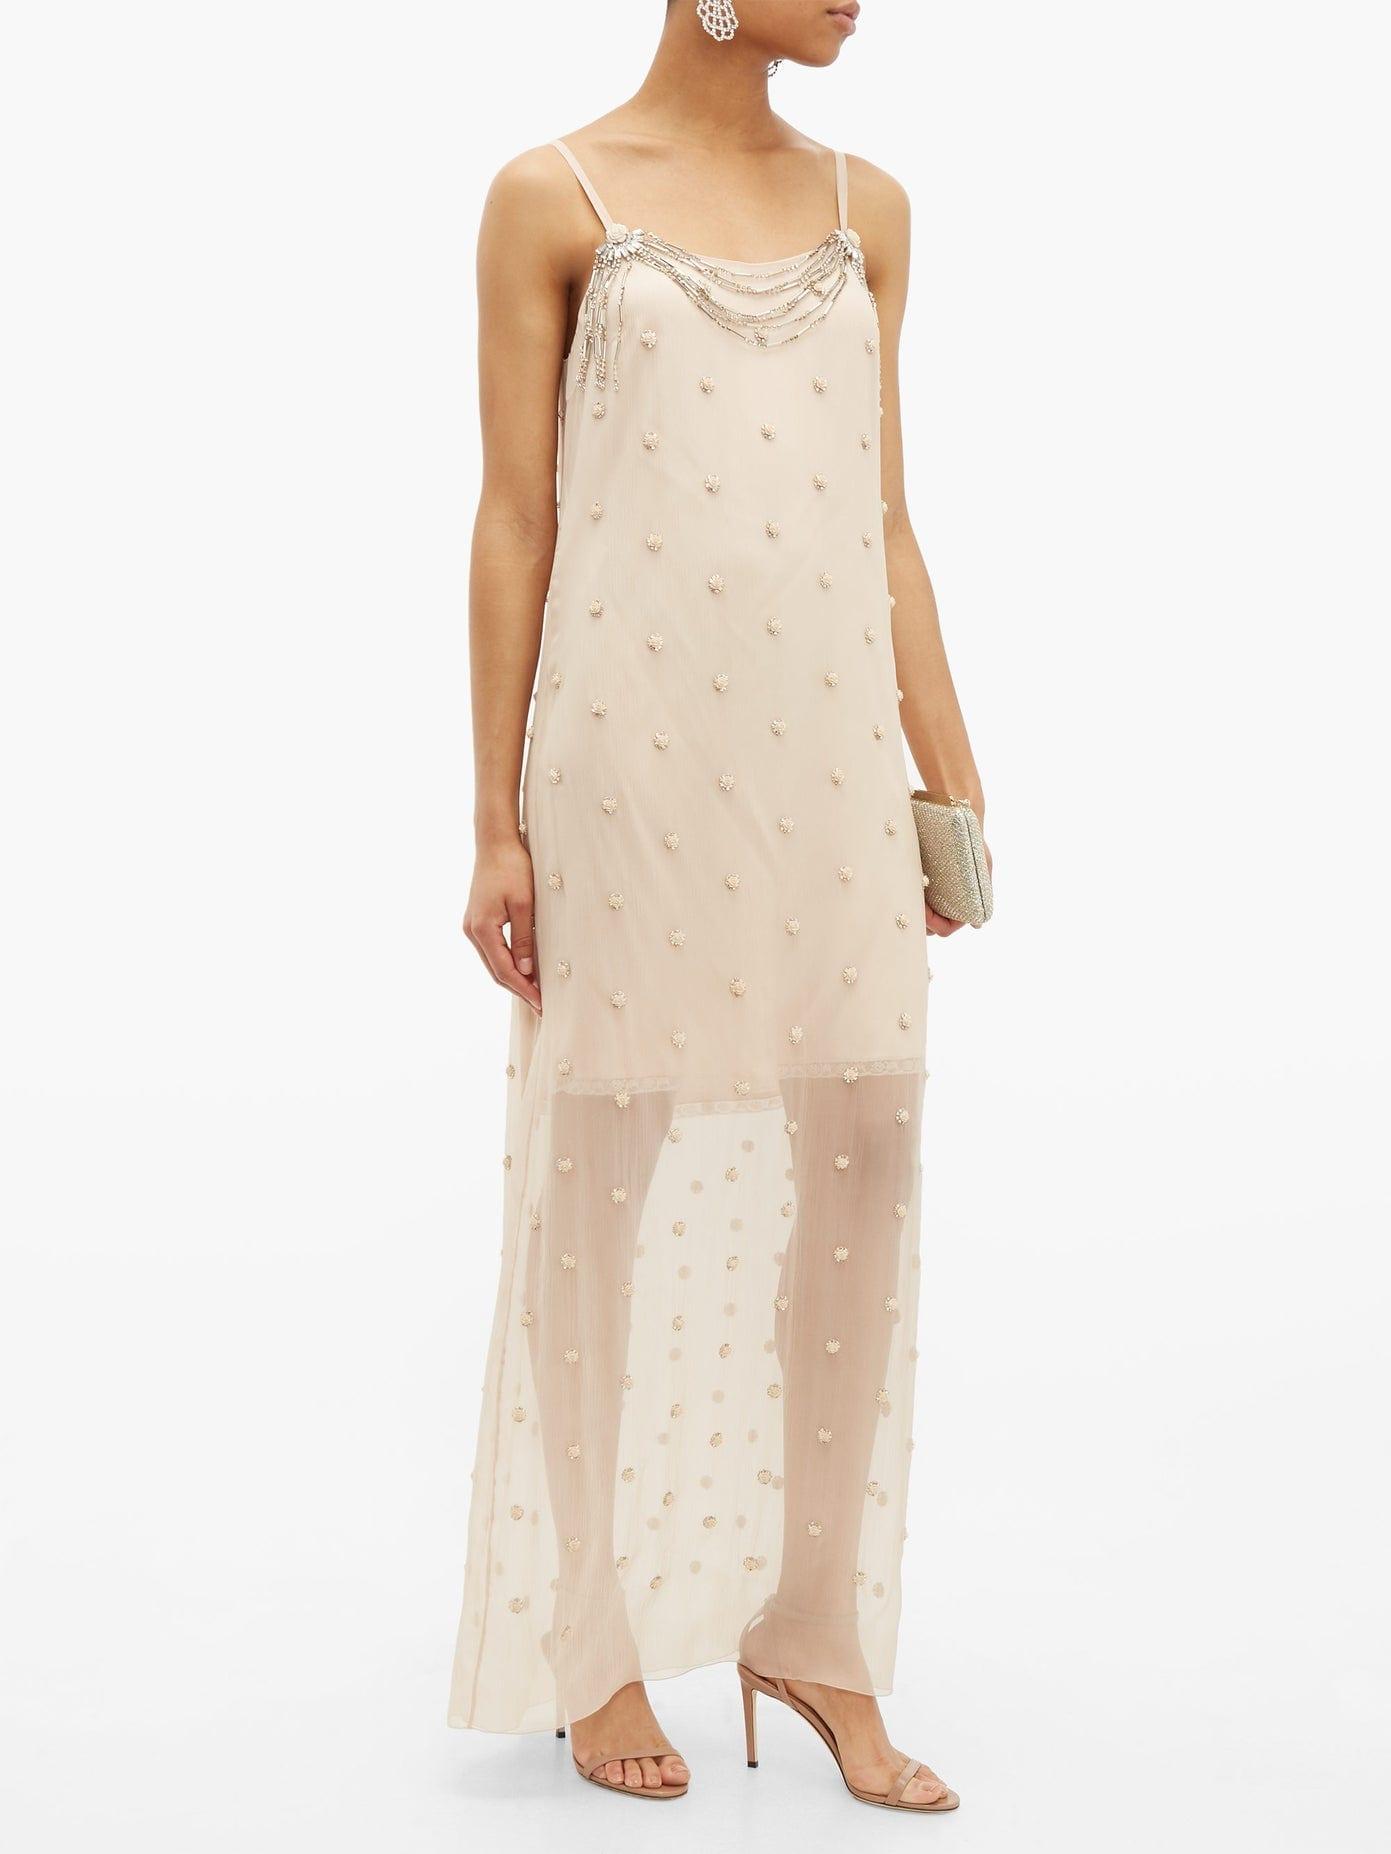 PRADA Crystal-Embellished Silk-Chiffon Dress